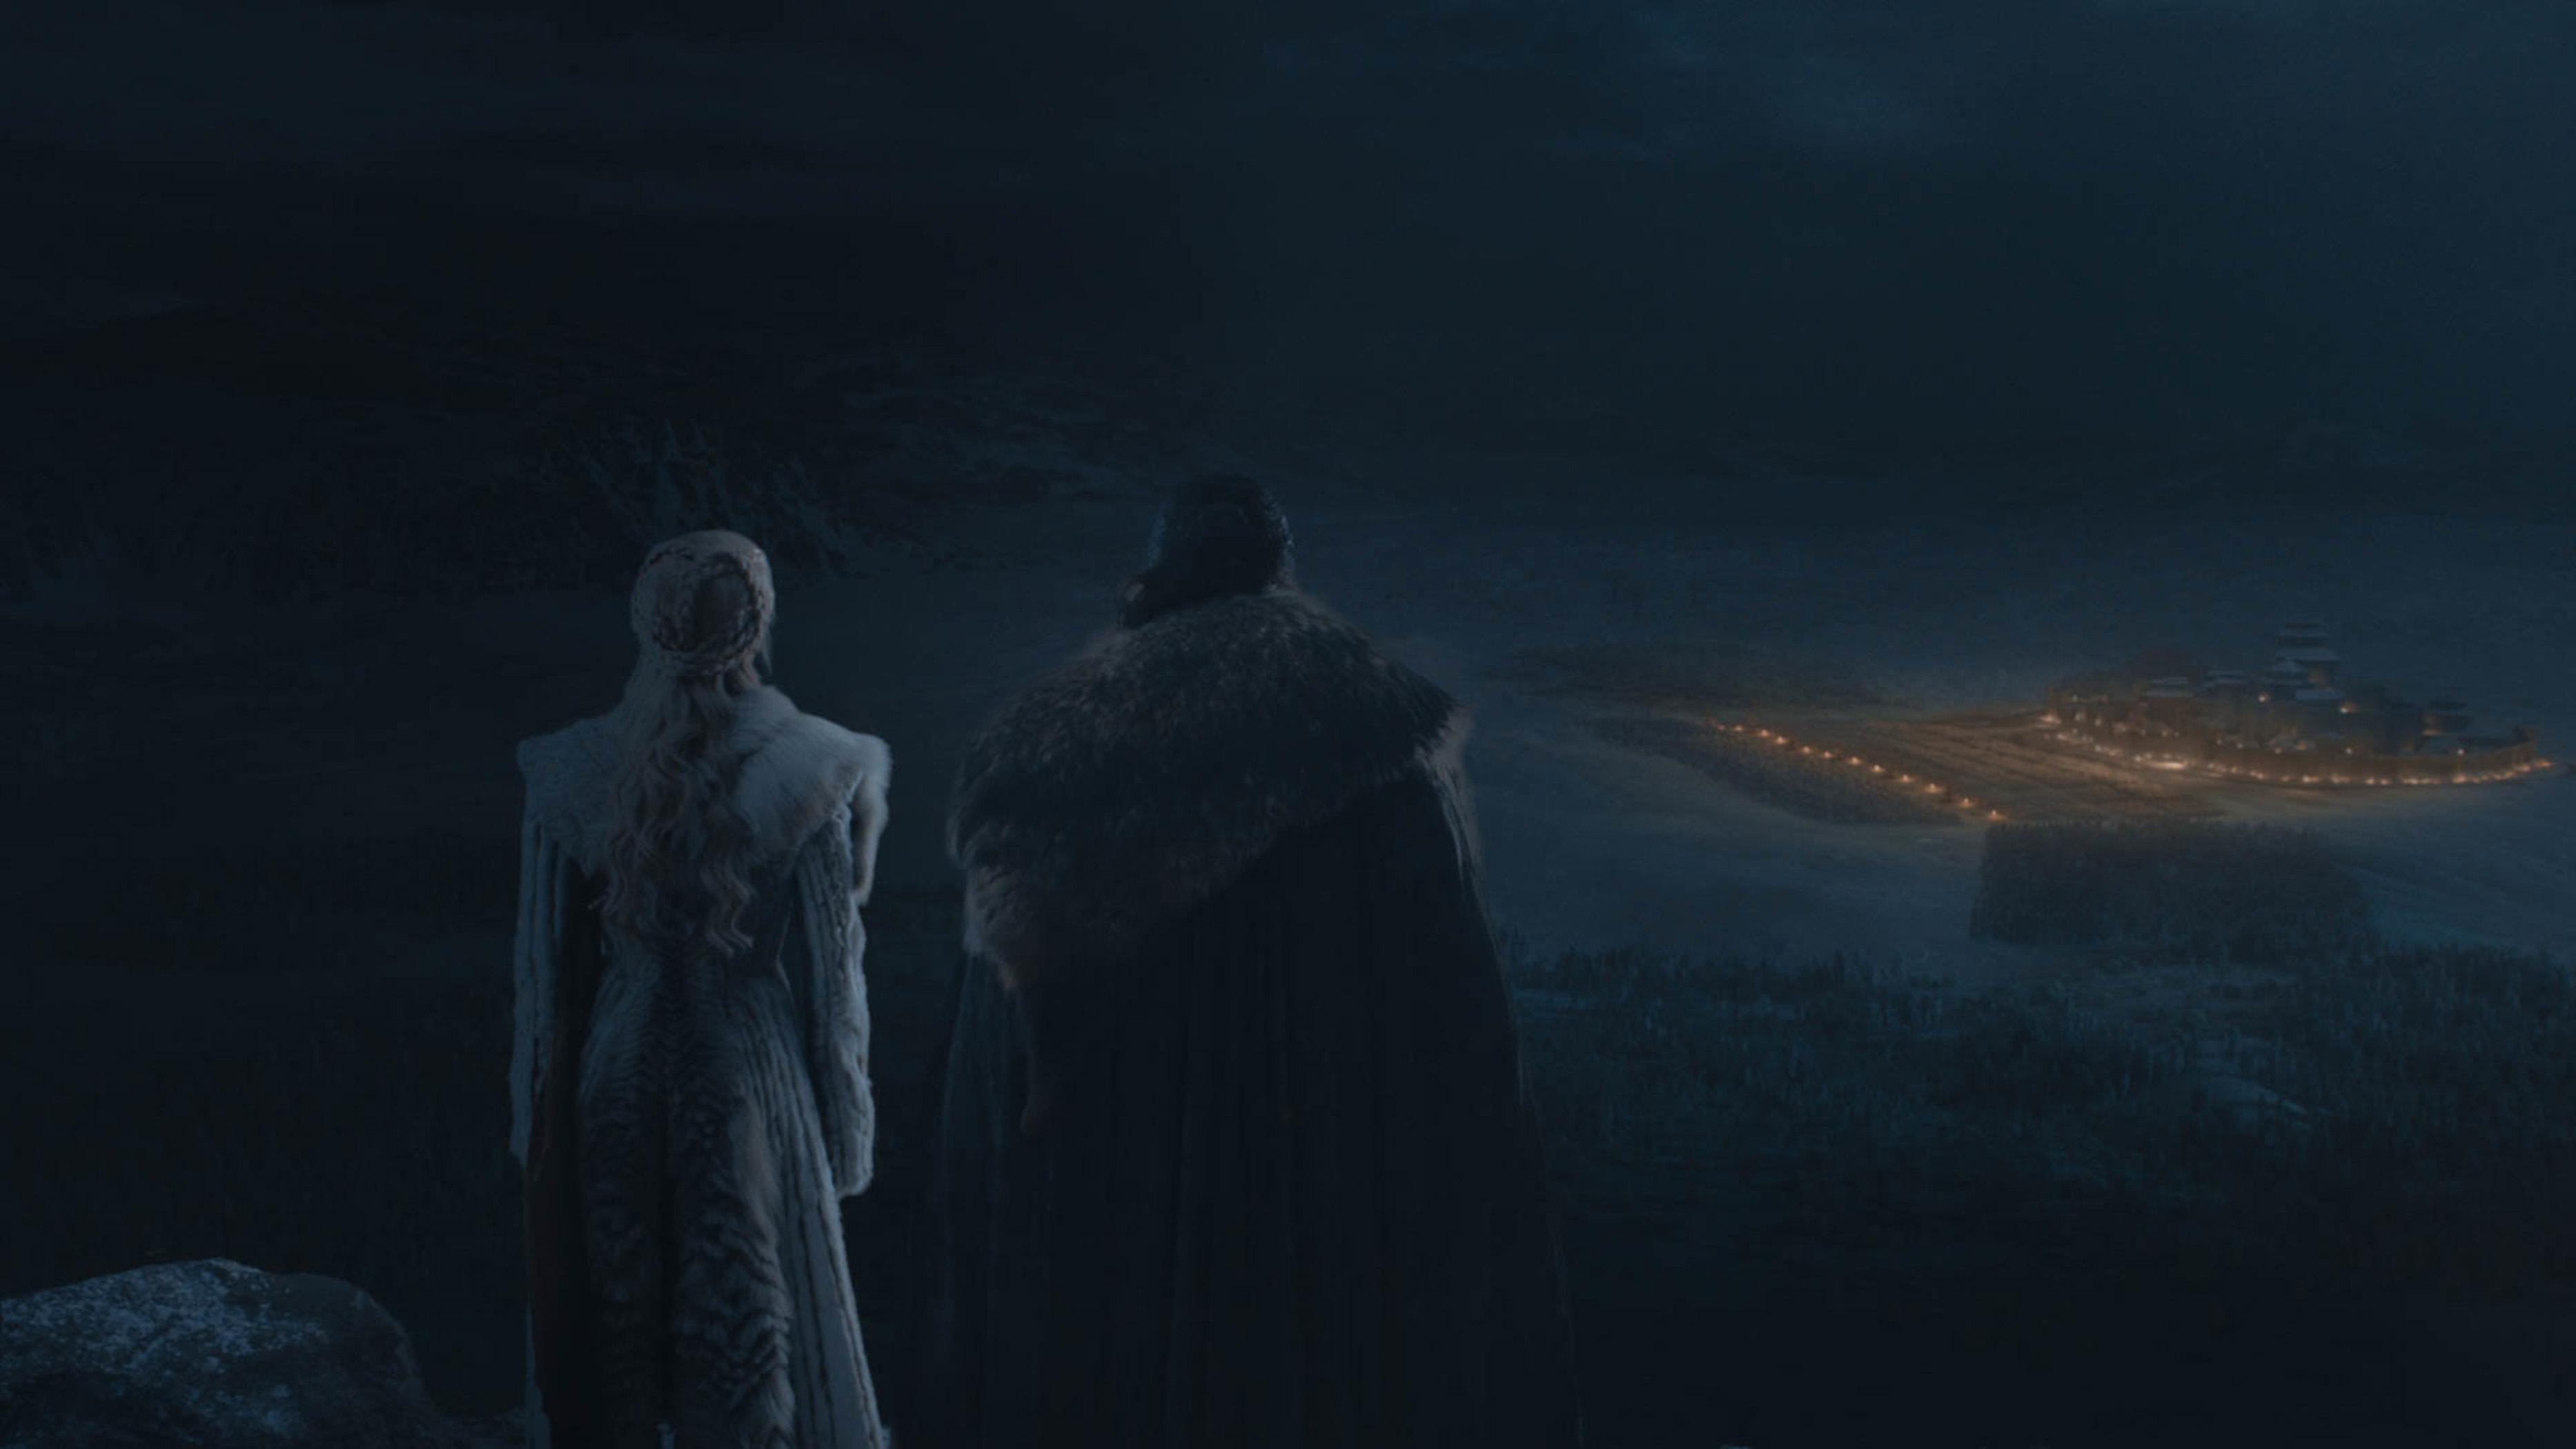 Gra o tron - sezon 8., odcinek 3. - zdjęcie